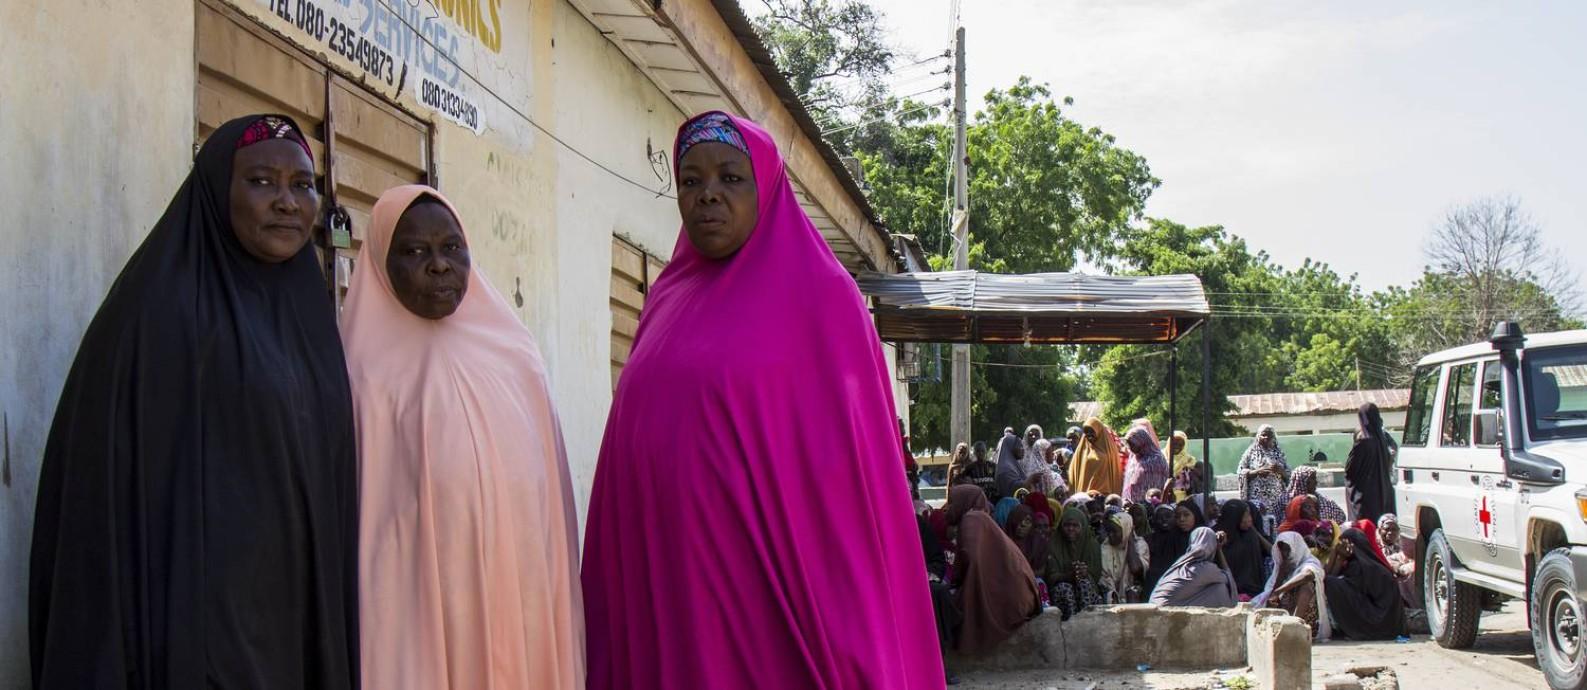 Em Maiduguri, capital do estado de Borno, viúvas costuram tradicionais chapéus para venderem, em busca de dinheiro para comprar comida e água Foto: Jesus Serrano Redondo/ICRC